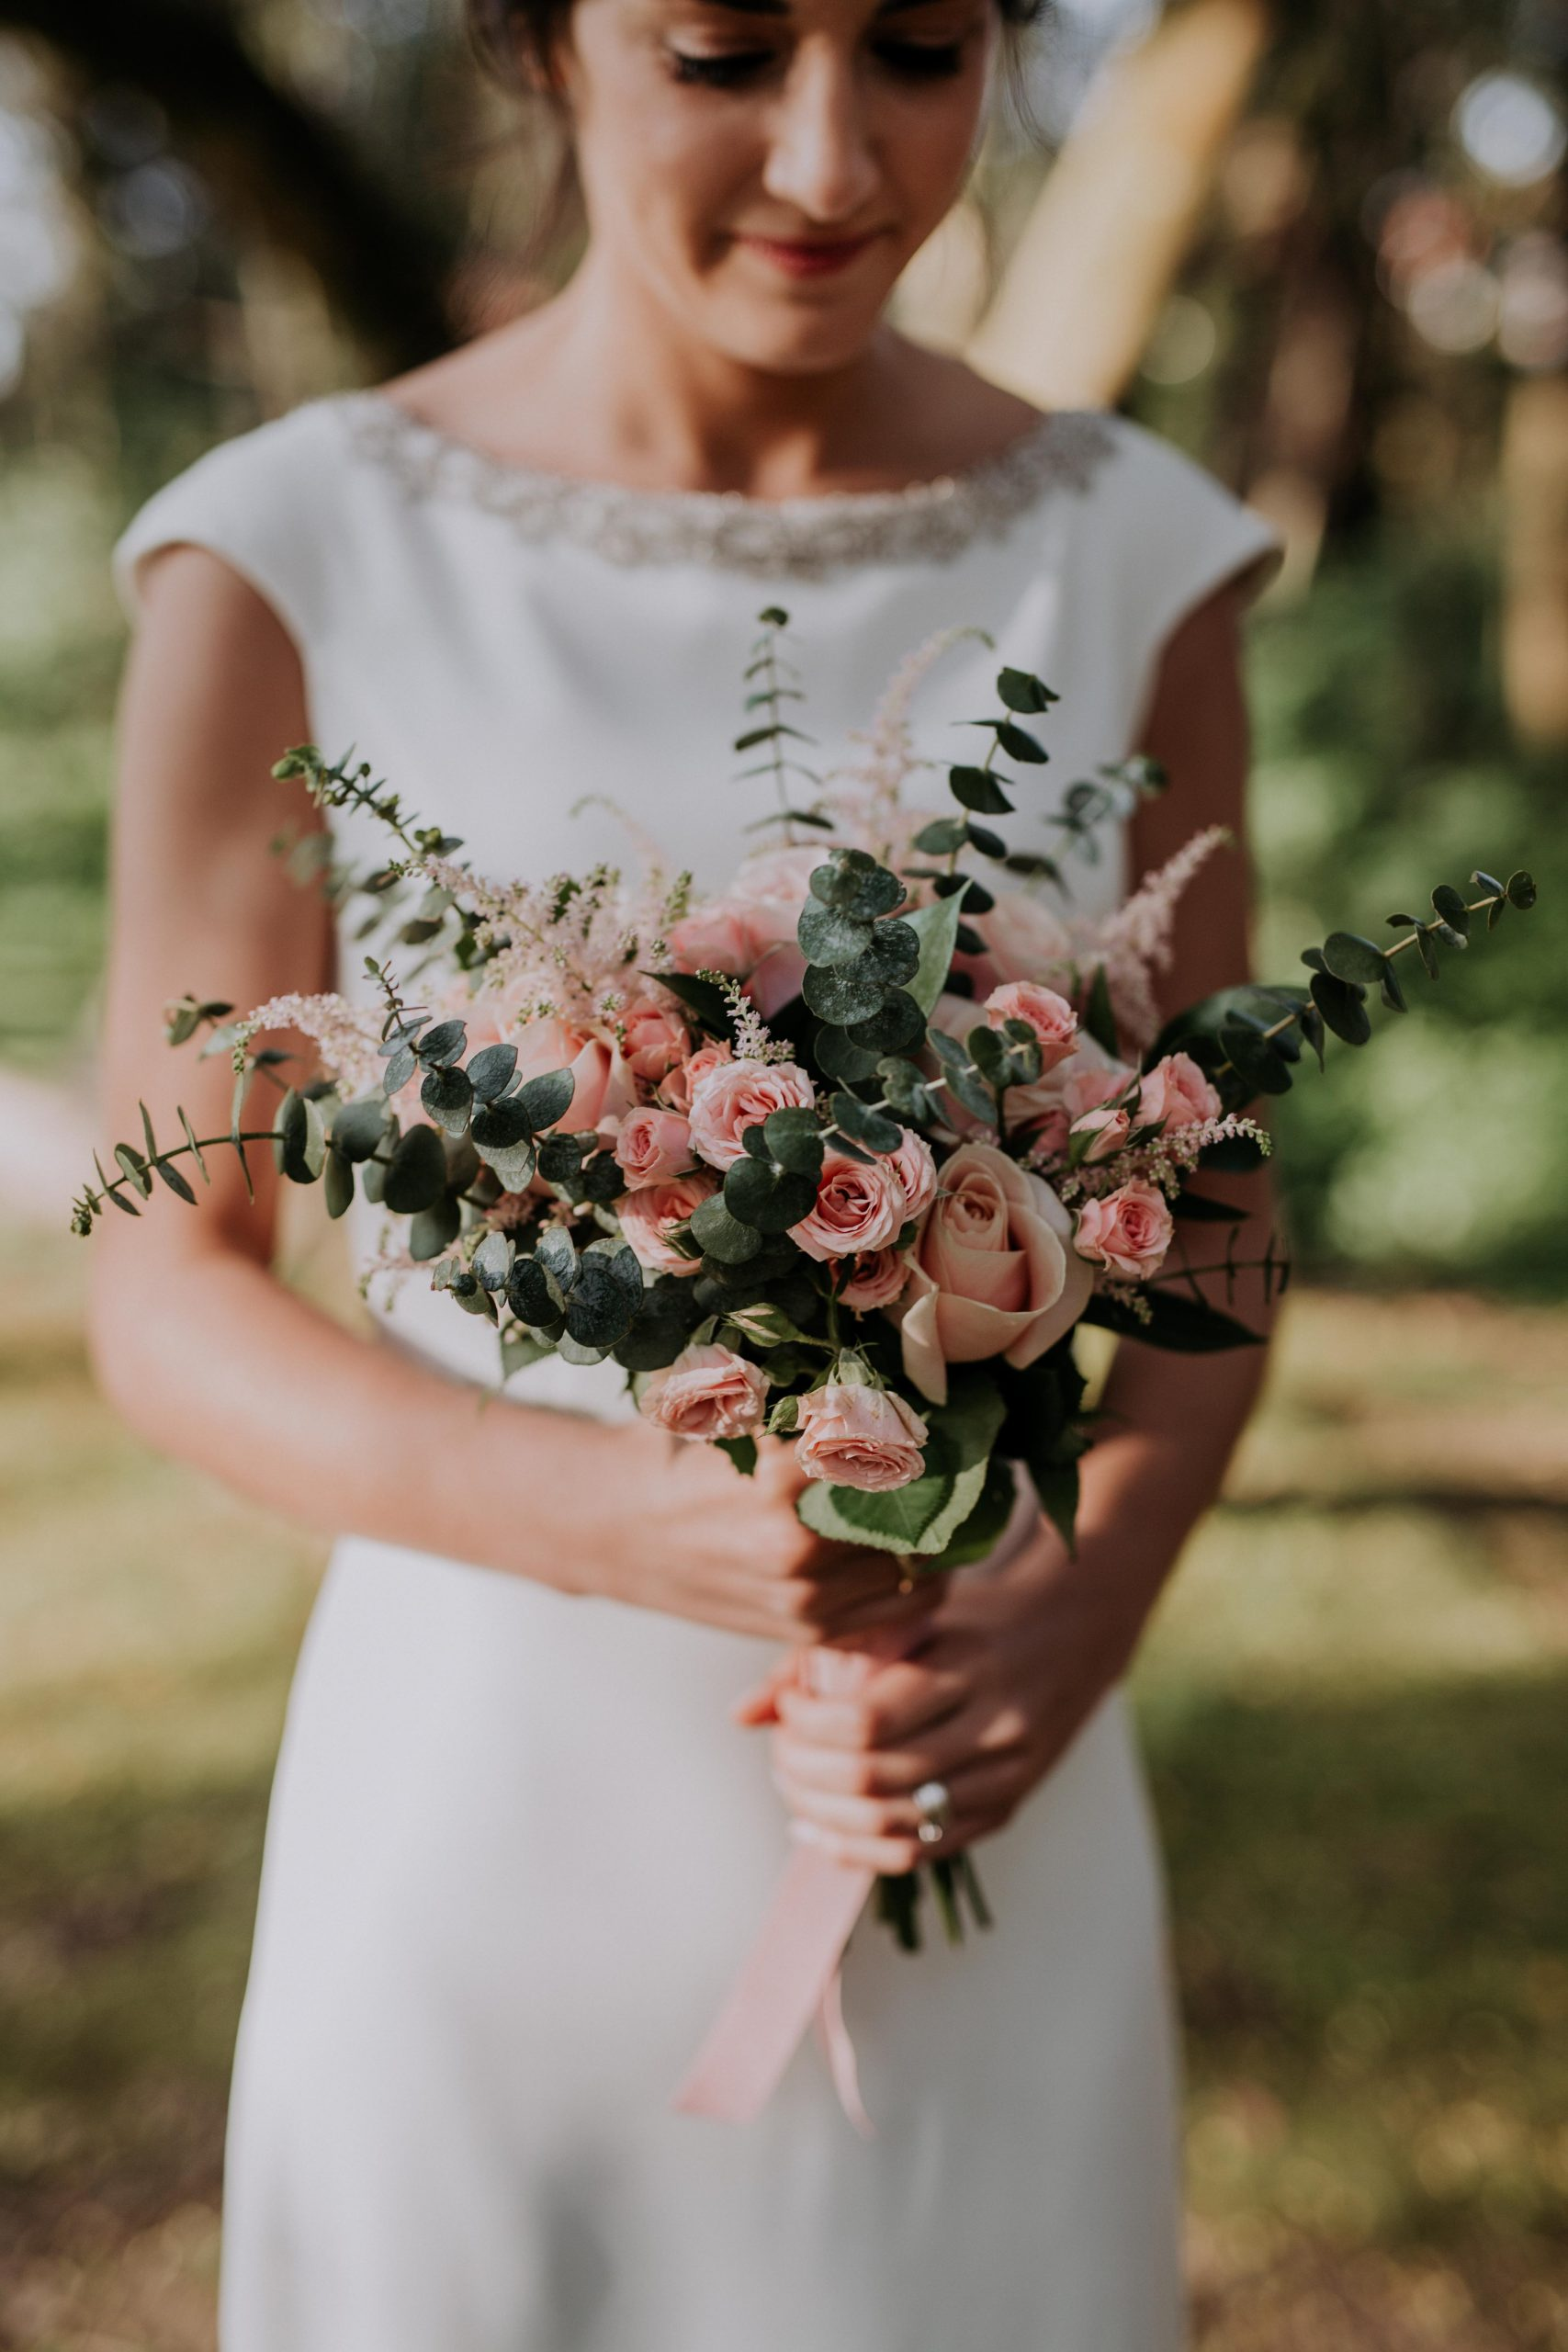 leymar-floristas-novias-asturias-aviles-ramos-bodas-decoracion-iglesia-mesas-novia (2)